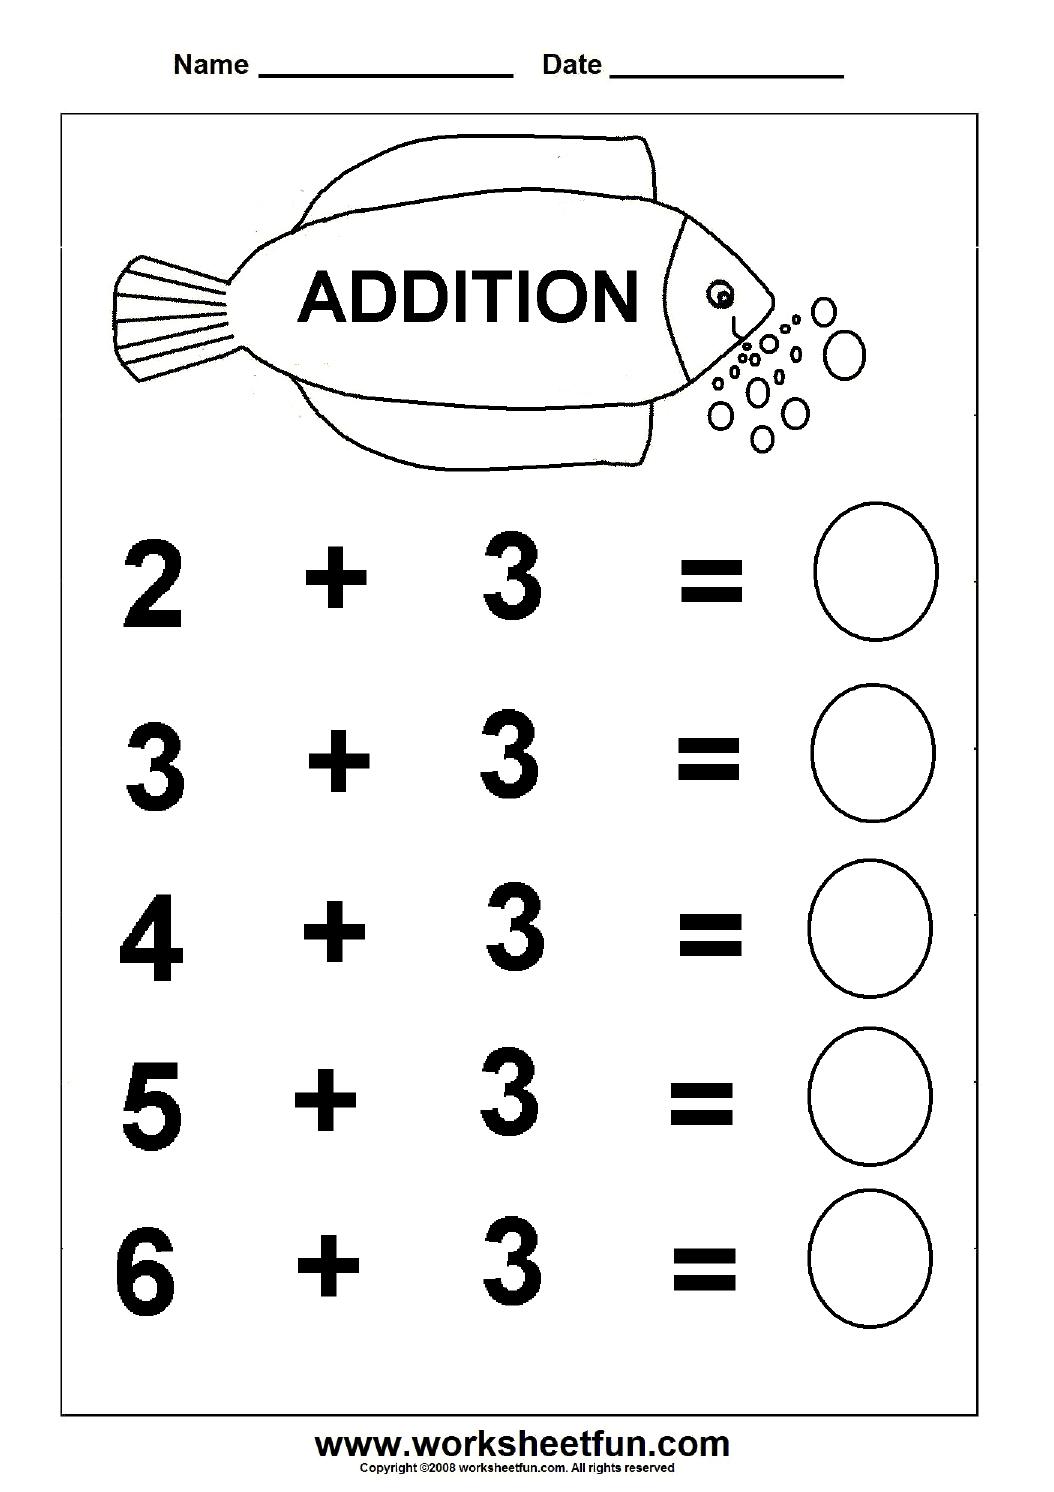 Beginner Addition – 6 Kindergarten Addition Worksheets / Free - Free Printable Math Addition Worksheets For Kindergarten